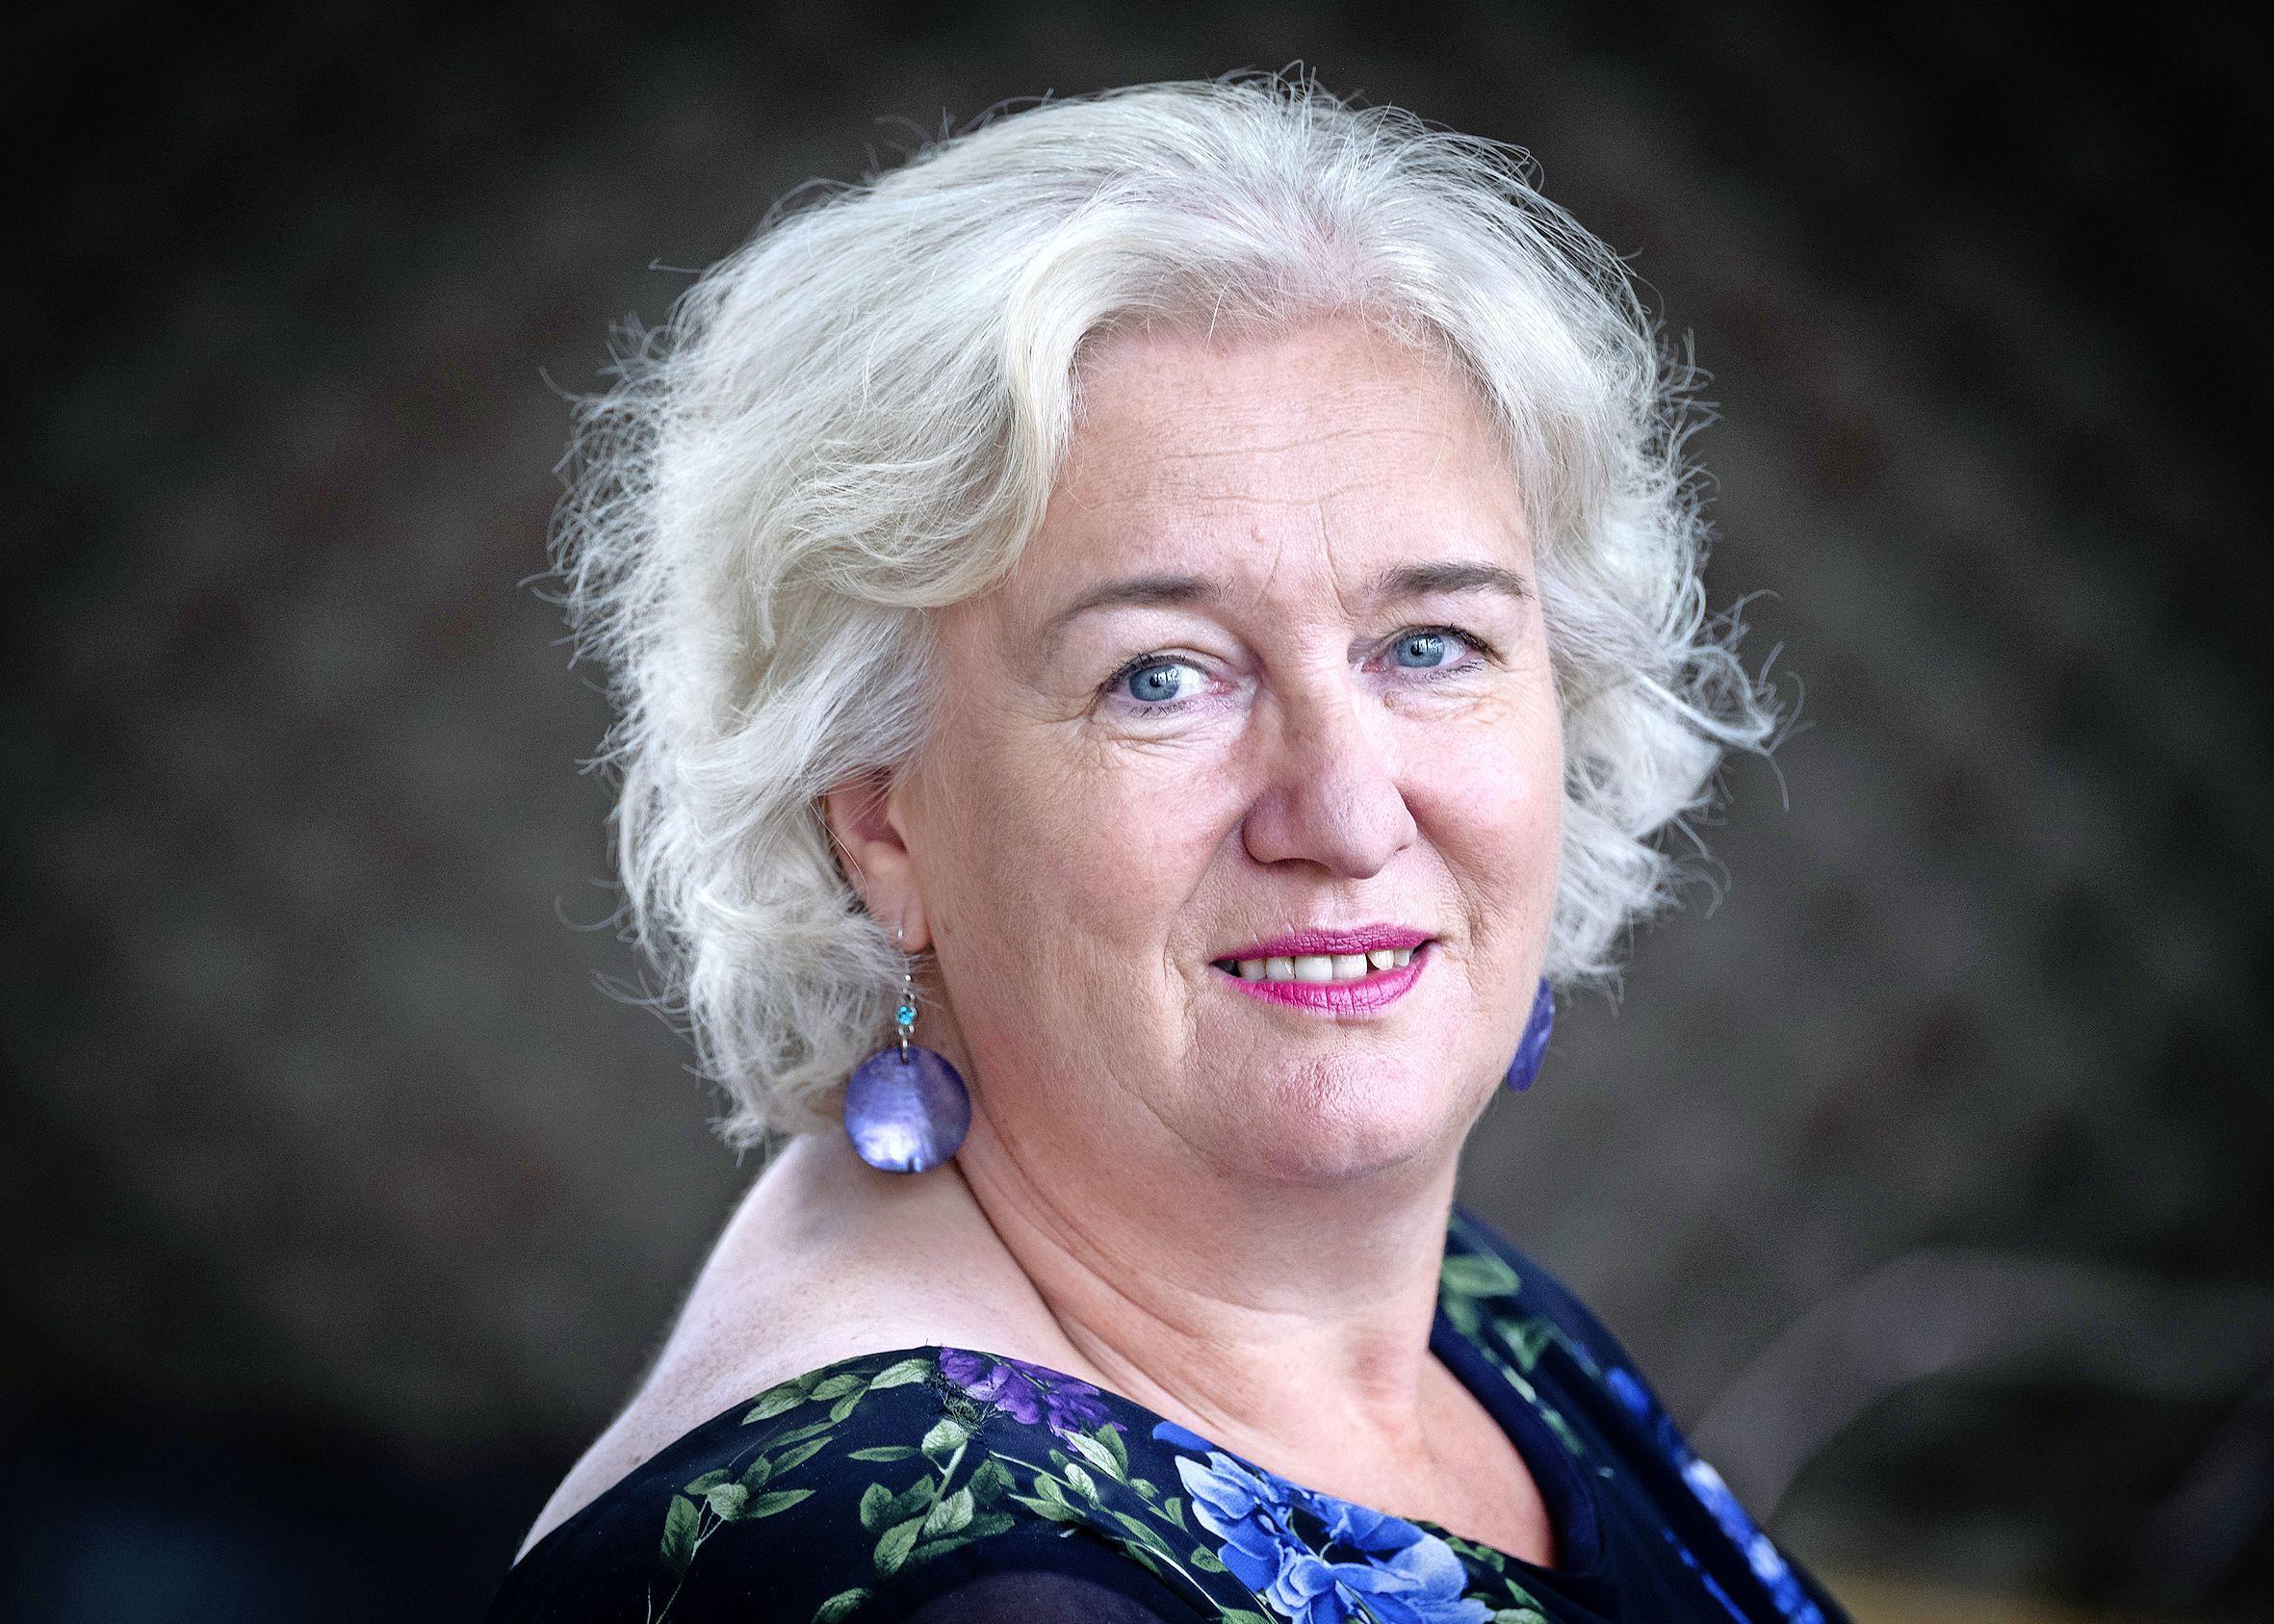 Burgemeester Marianne Schuurmans controleert tientallen bedrijven in de Haarlemmermeer op criminele activiteiten: 'Misdaad mag niet lonen'